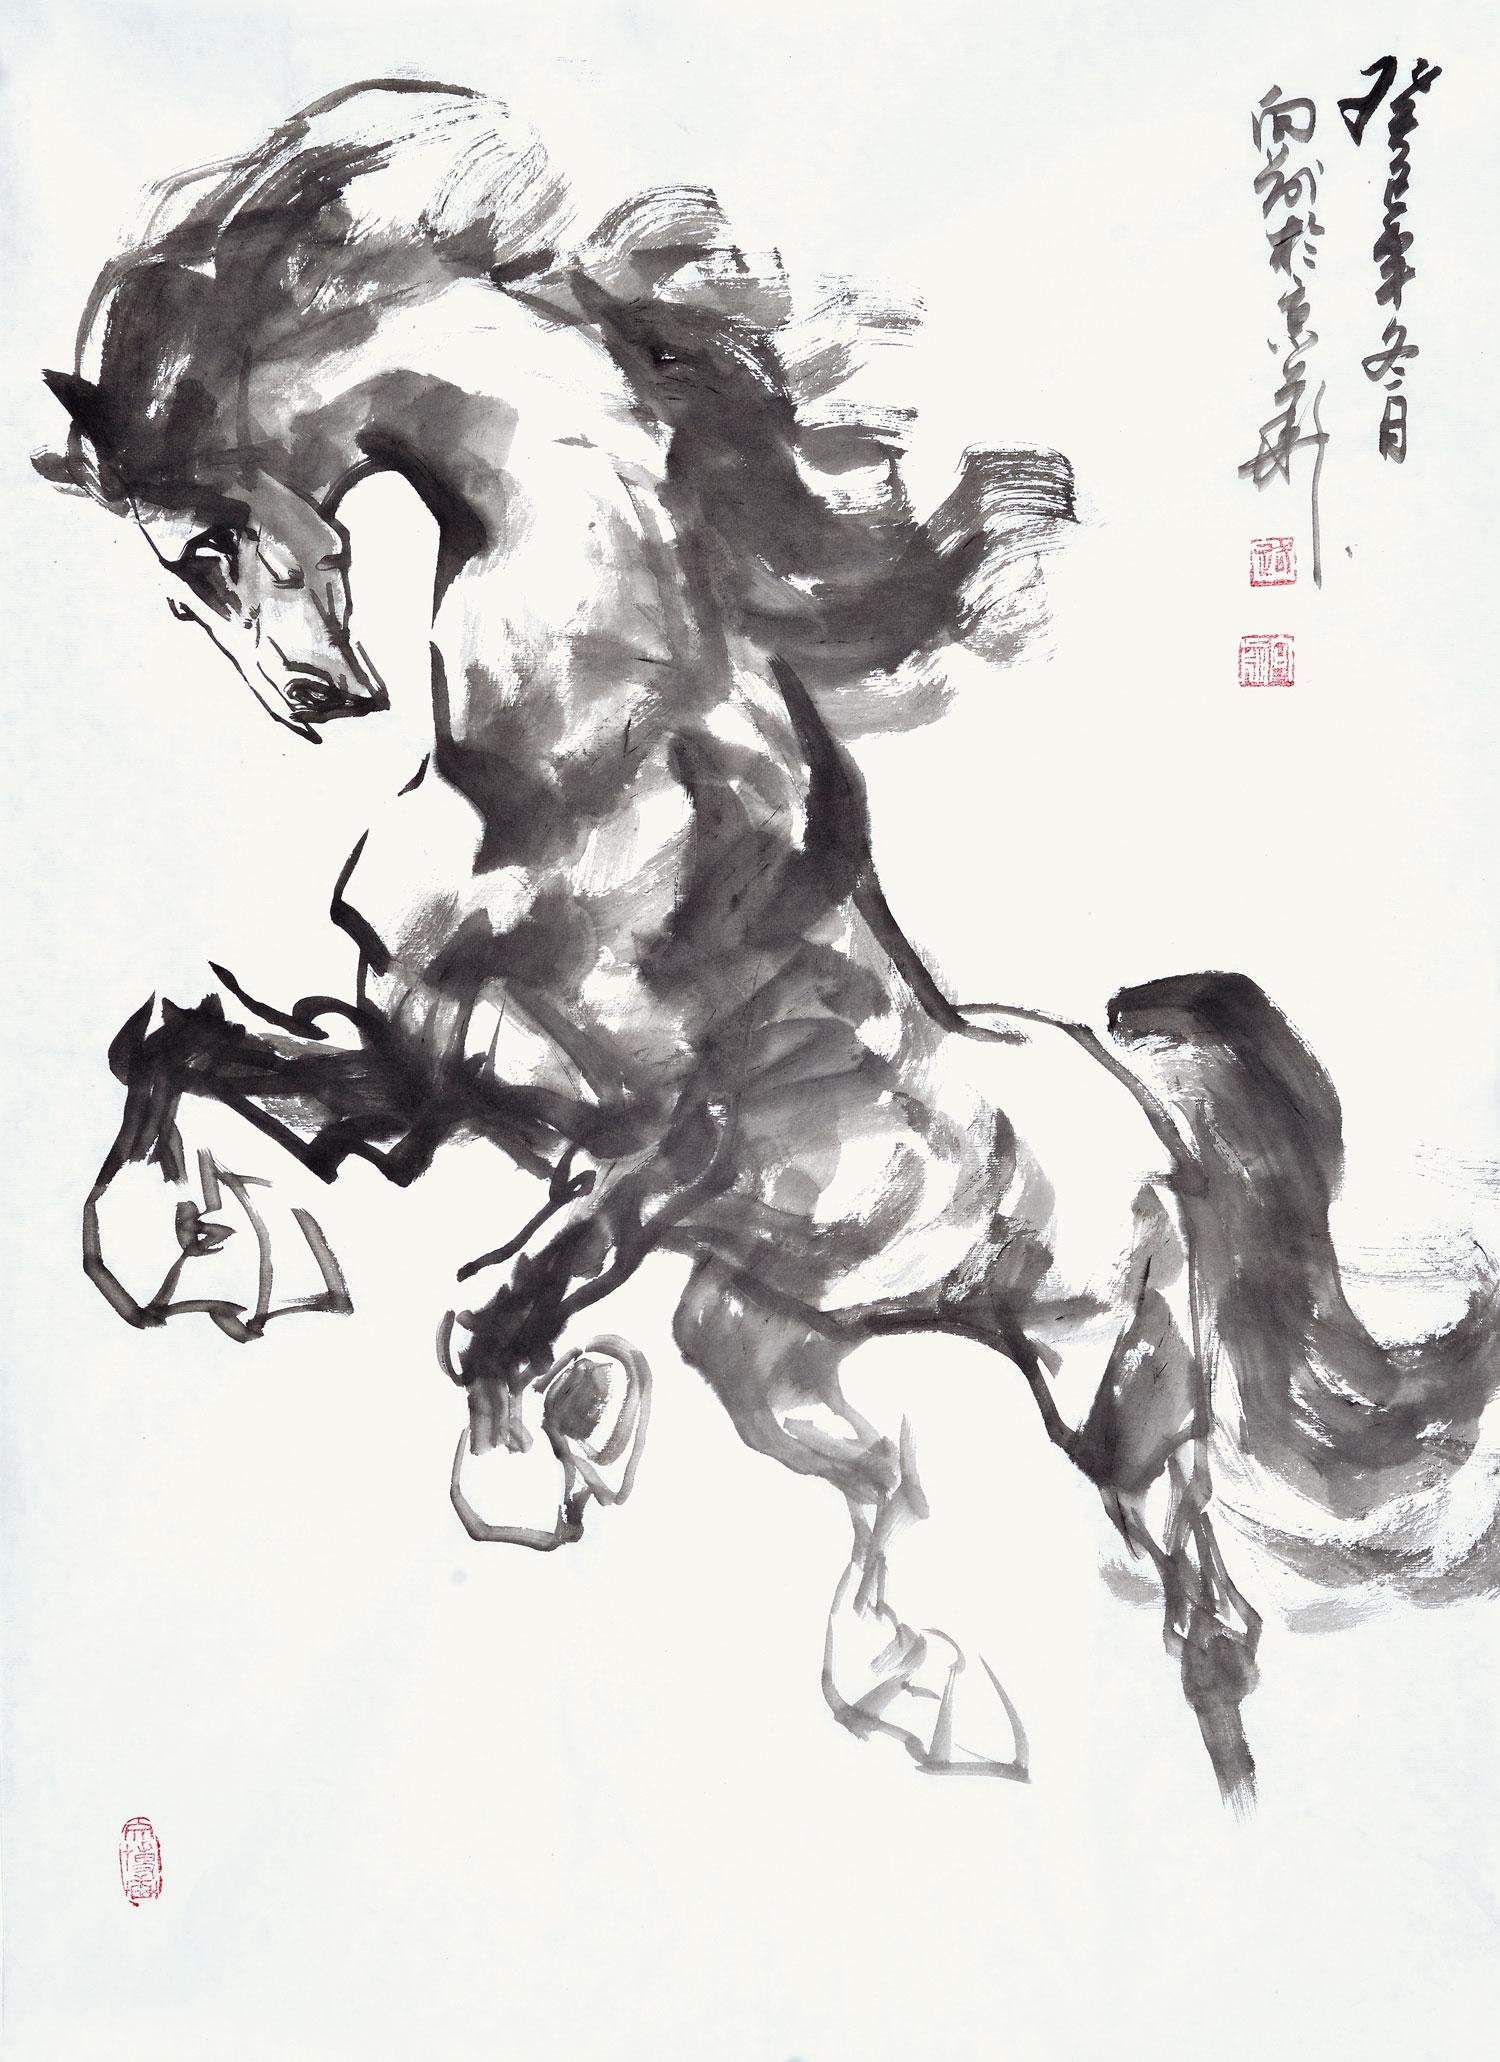 路向前老师现为北京美协会员,其绘画风格细腻、艳丽、富有神韵,极具欣赏价值。路向前老师擅长写意动物画、工笔画花鸟画。路向前老师曾多次参加全国美展及各种画展并获奖。作品曾多在多家报刊发表被国内外多家画廊和个人收藏。以下是易从网推荐的几幅路向前老师创作的写意动物画,供大家欣赏: 一、路向前四尺斗方动物画马作品《纵横天地间》  路向前四尺斗方动物画马作品《纵横天地间》 这是路向前老师创作的一幅写意动物画《纵横天地间》。一匹姿态矫健的骏马,正在奔腾跳跃、腾空而起、四蹄生烟。作品展现了马匹的筋骨强壮,肌肉发达,倜傥洒